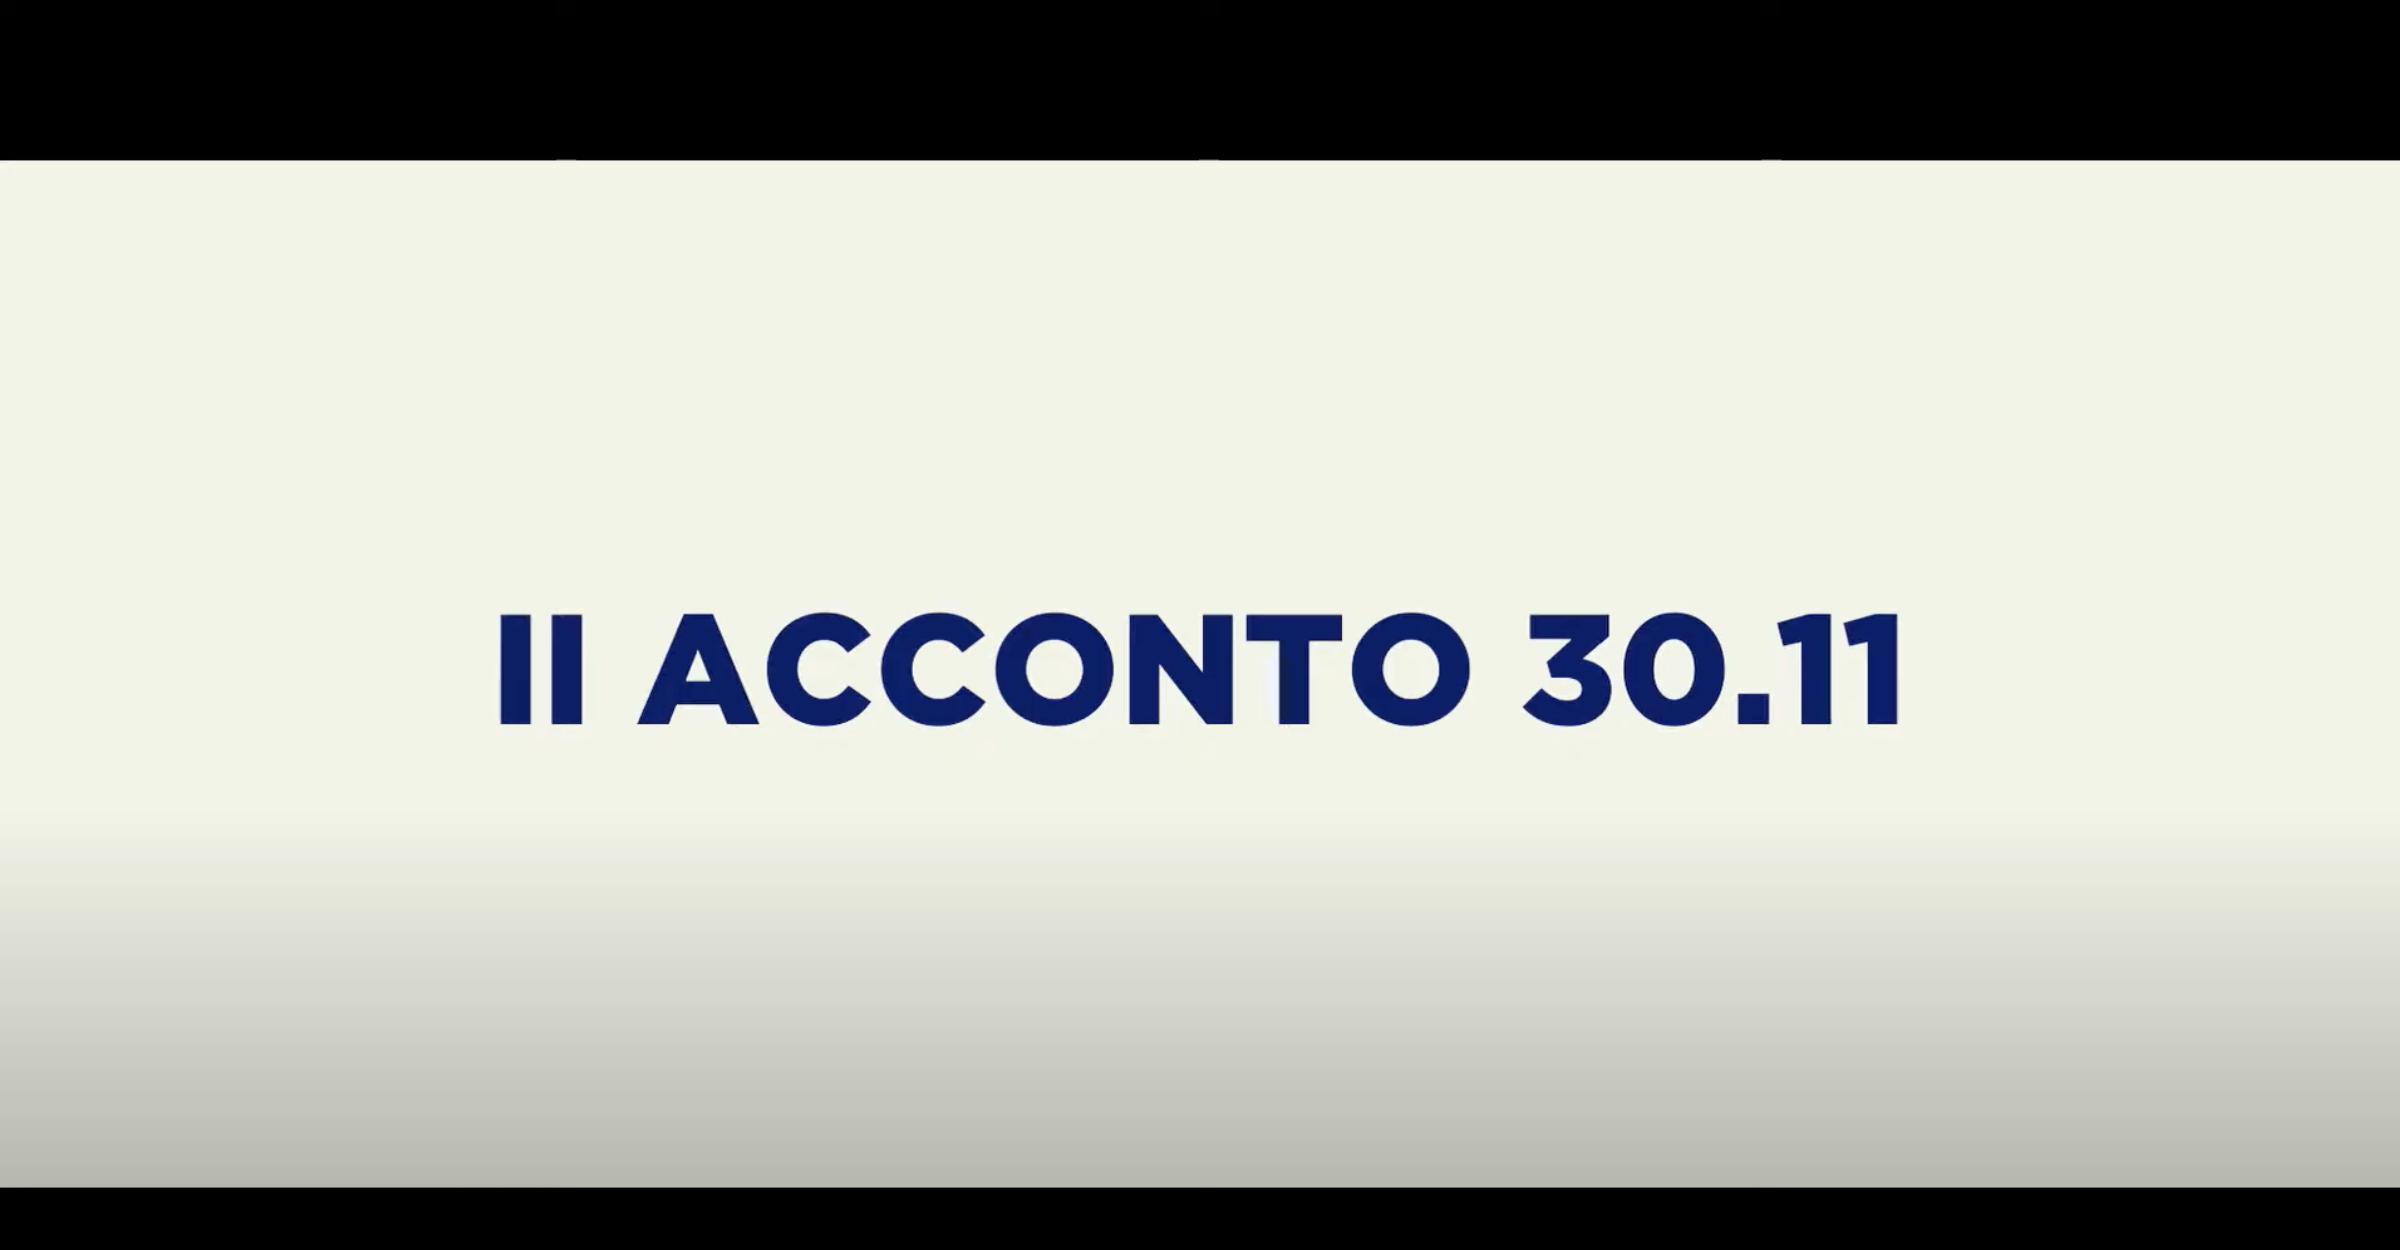 II ACCONTO 30.11